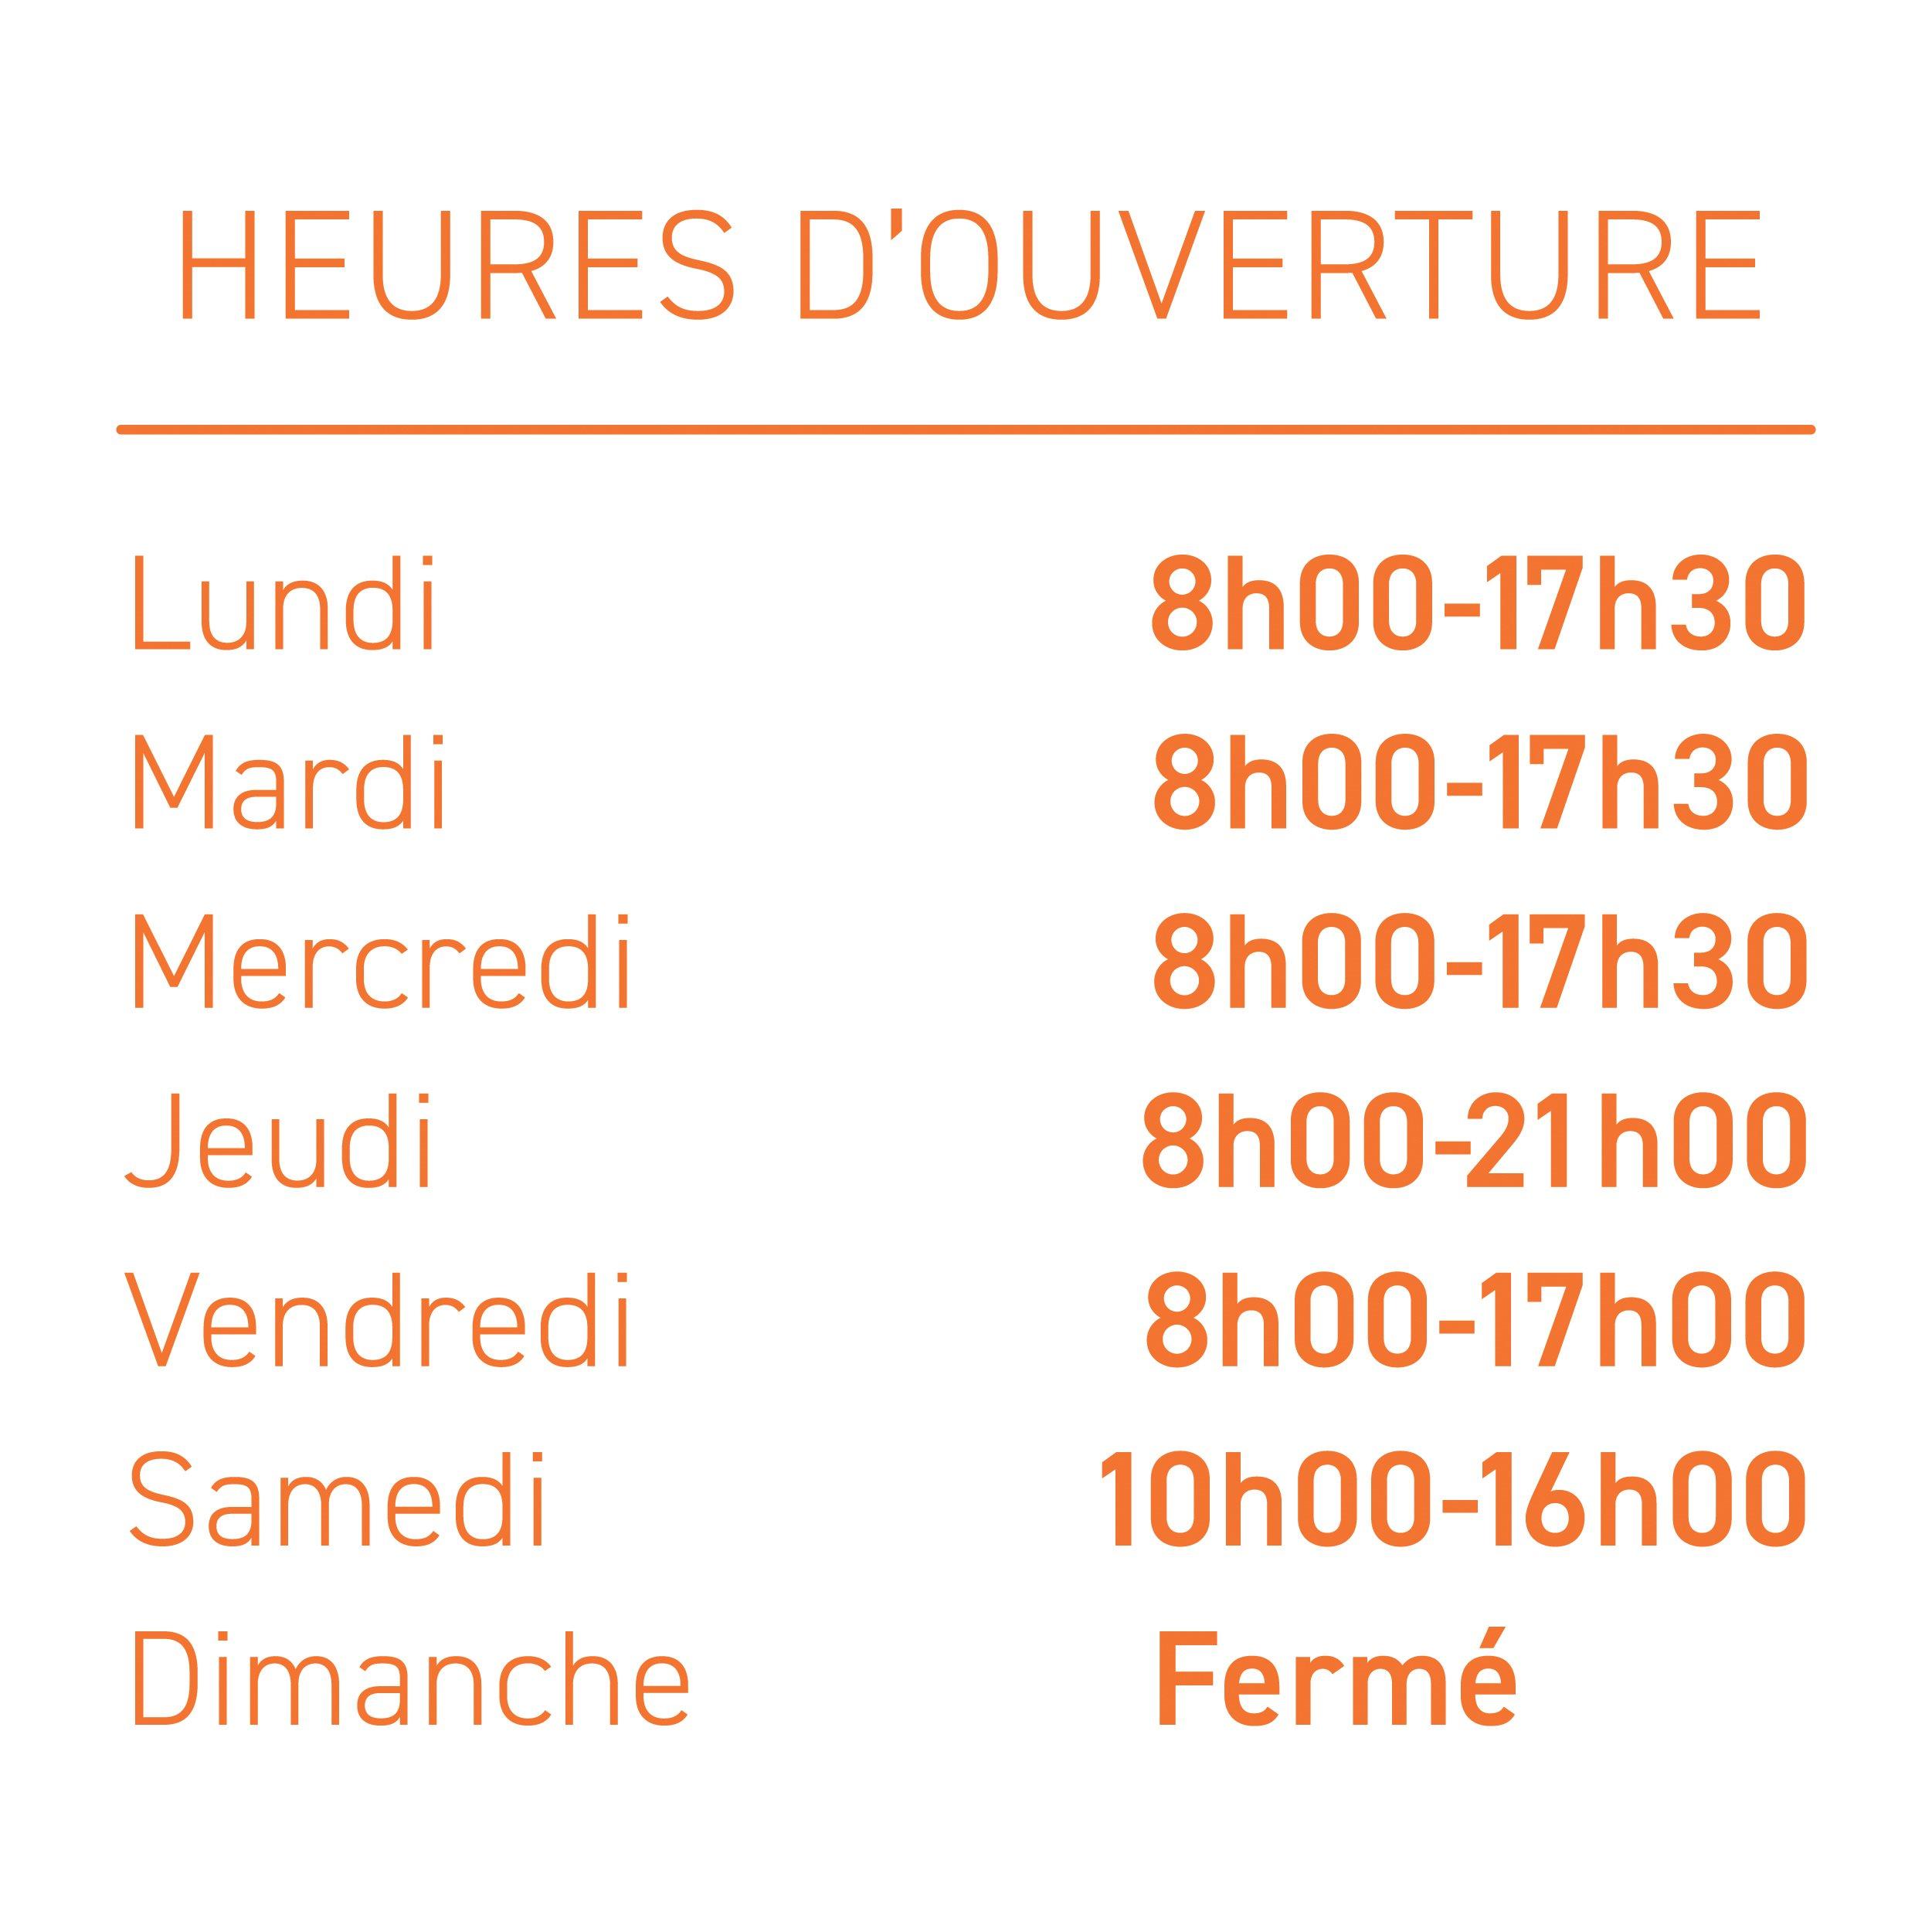 HEURES DOUVERTURE_Plan de travail 1